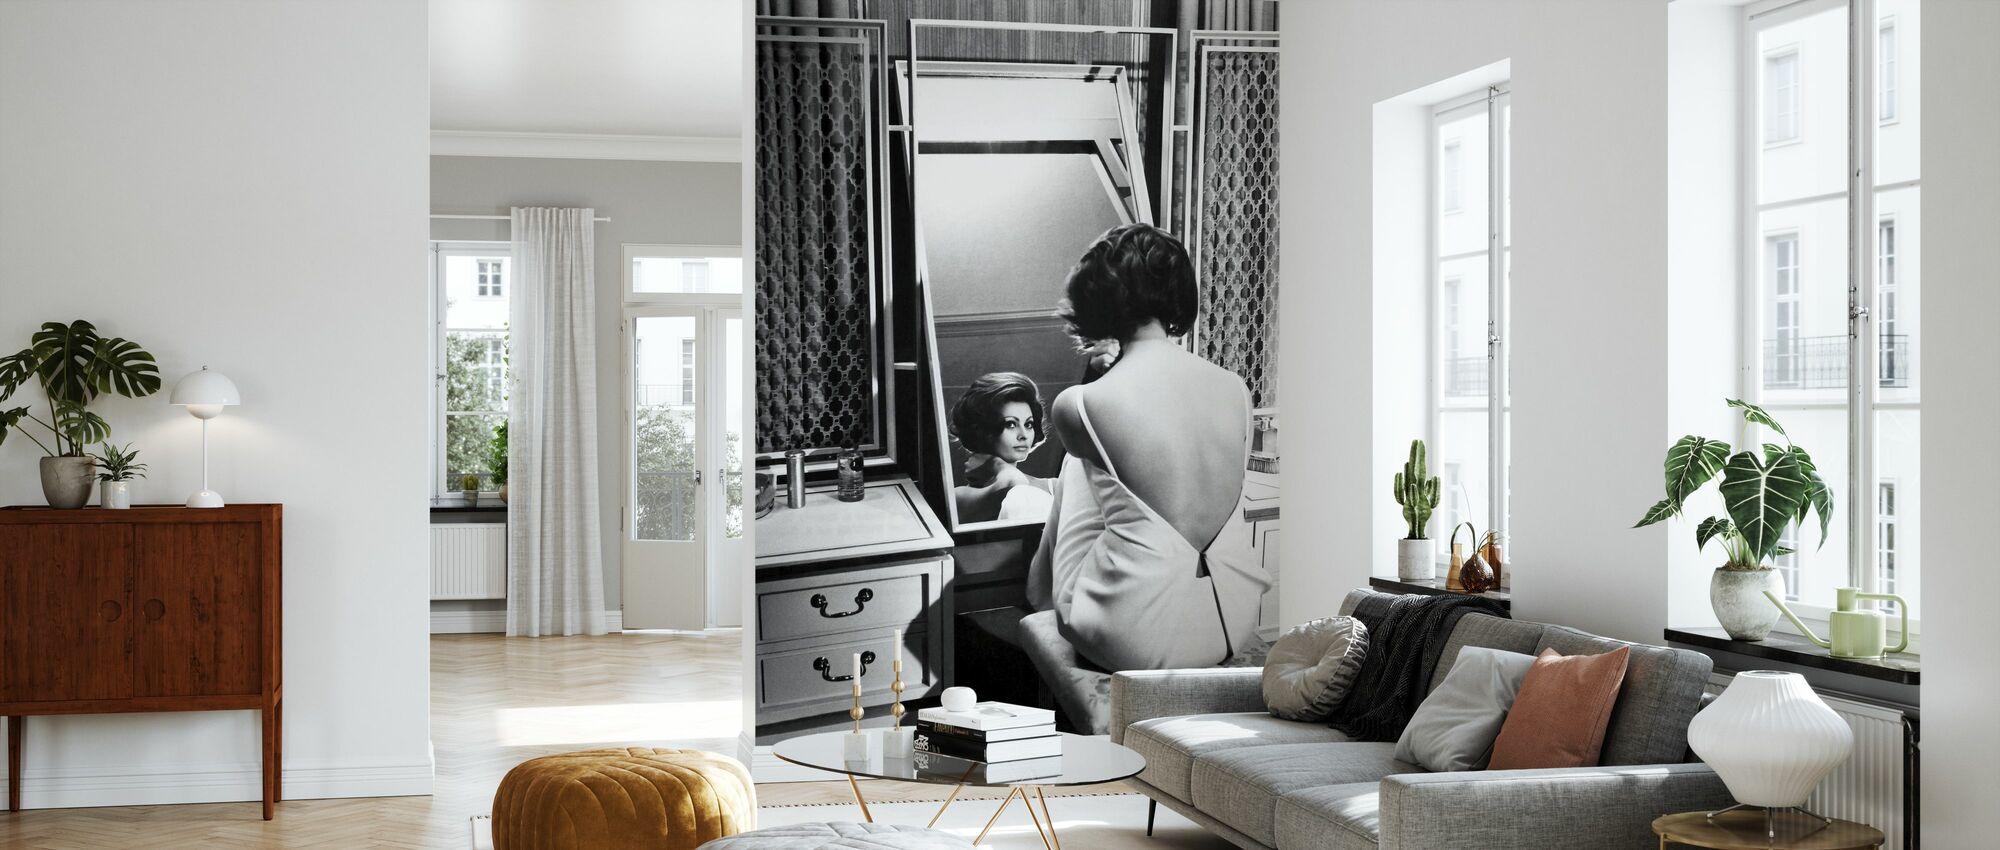 Gräfin aus Hongkong - Sophia Loren - Tapete - Wohnzimmer